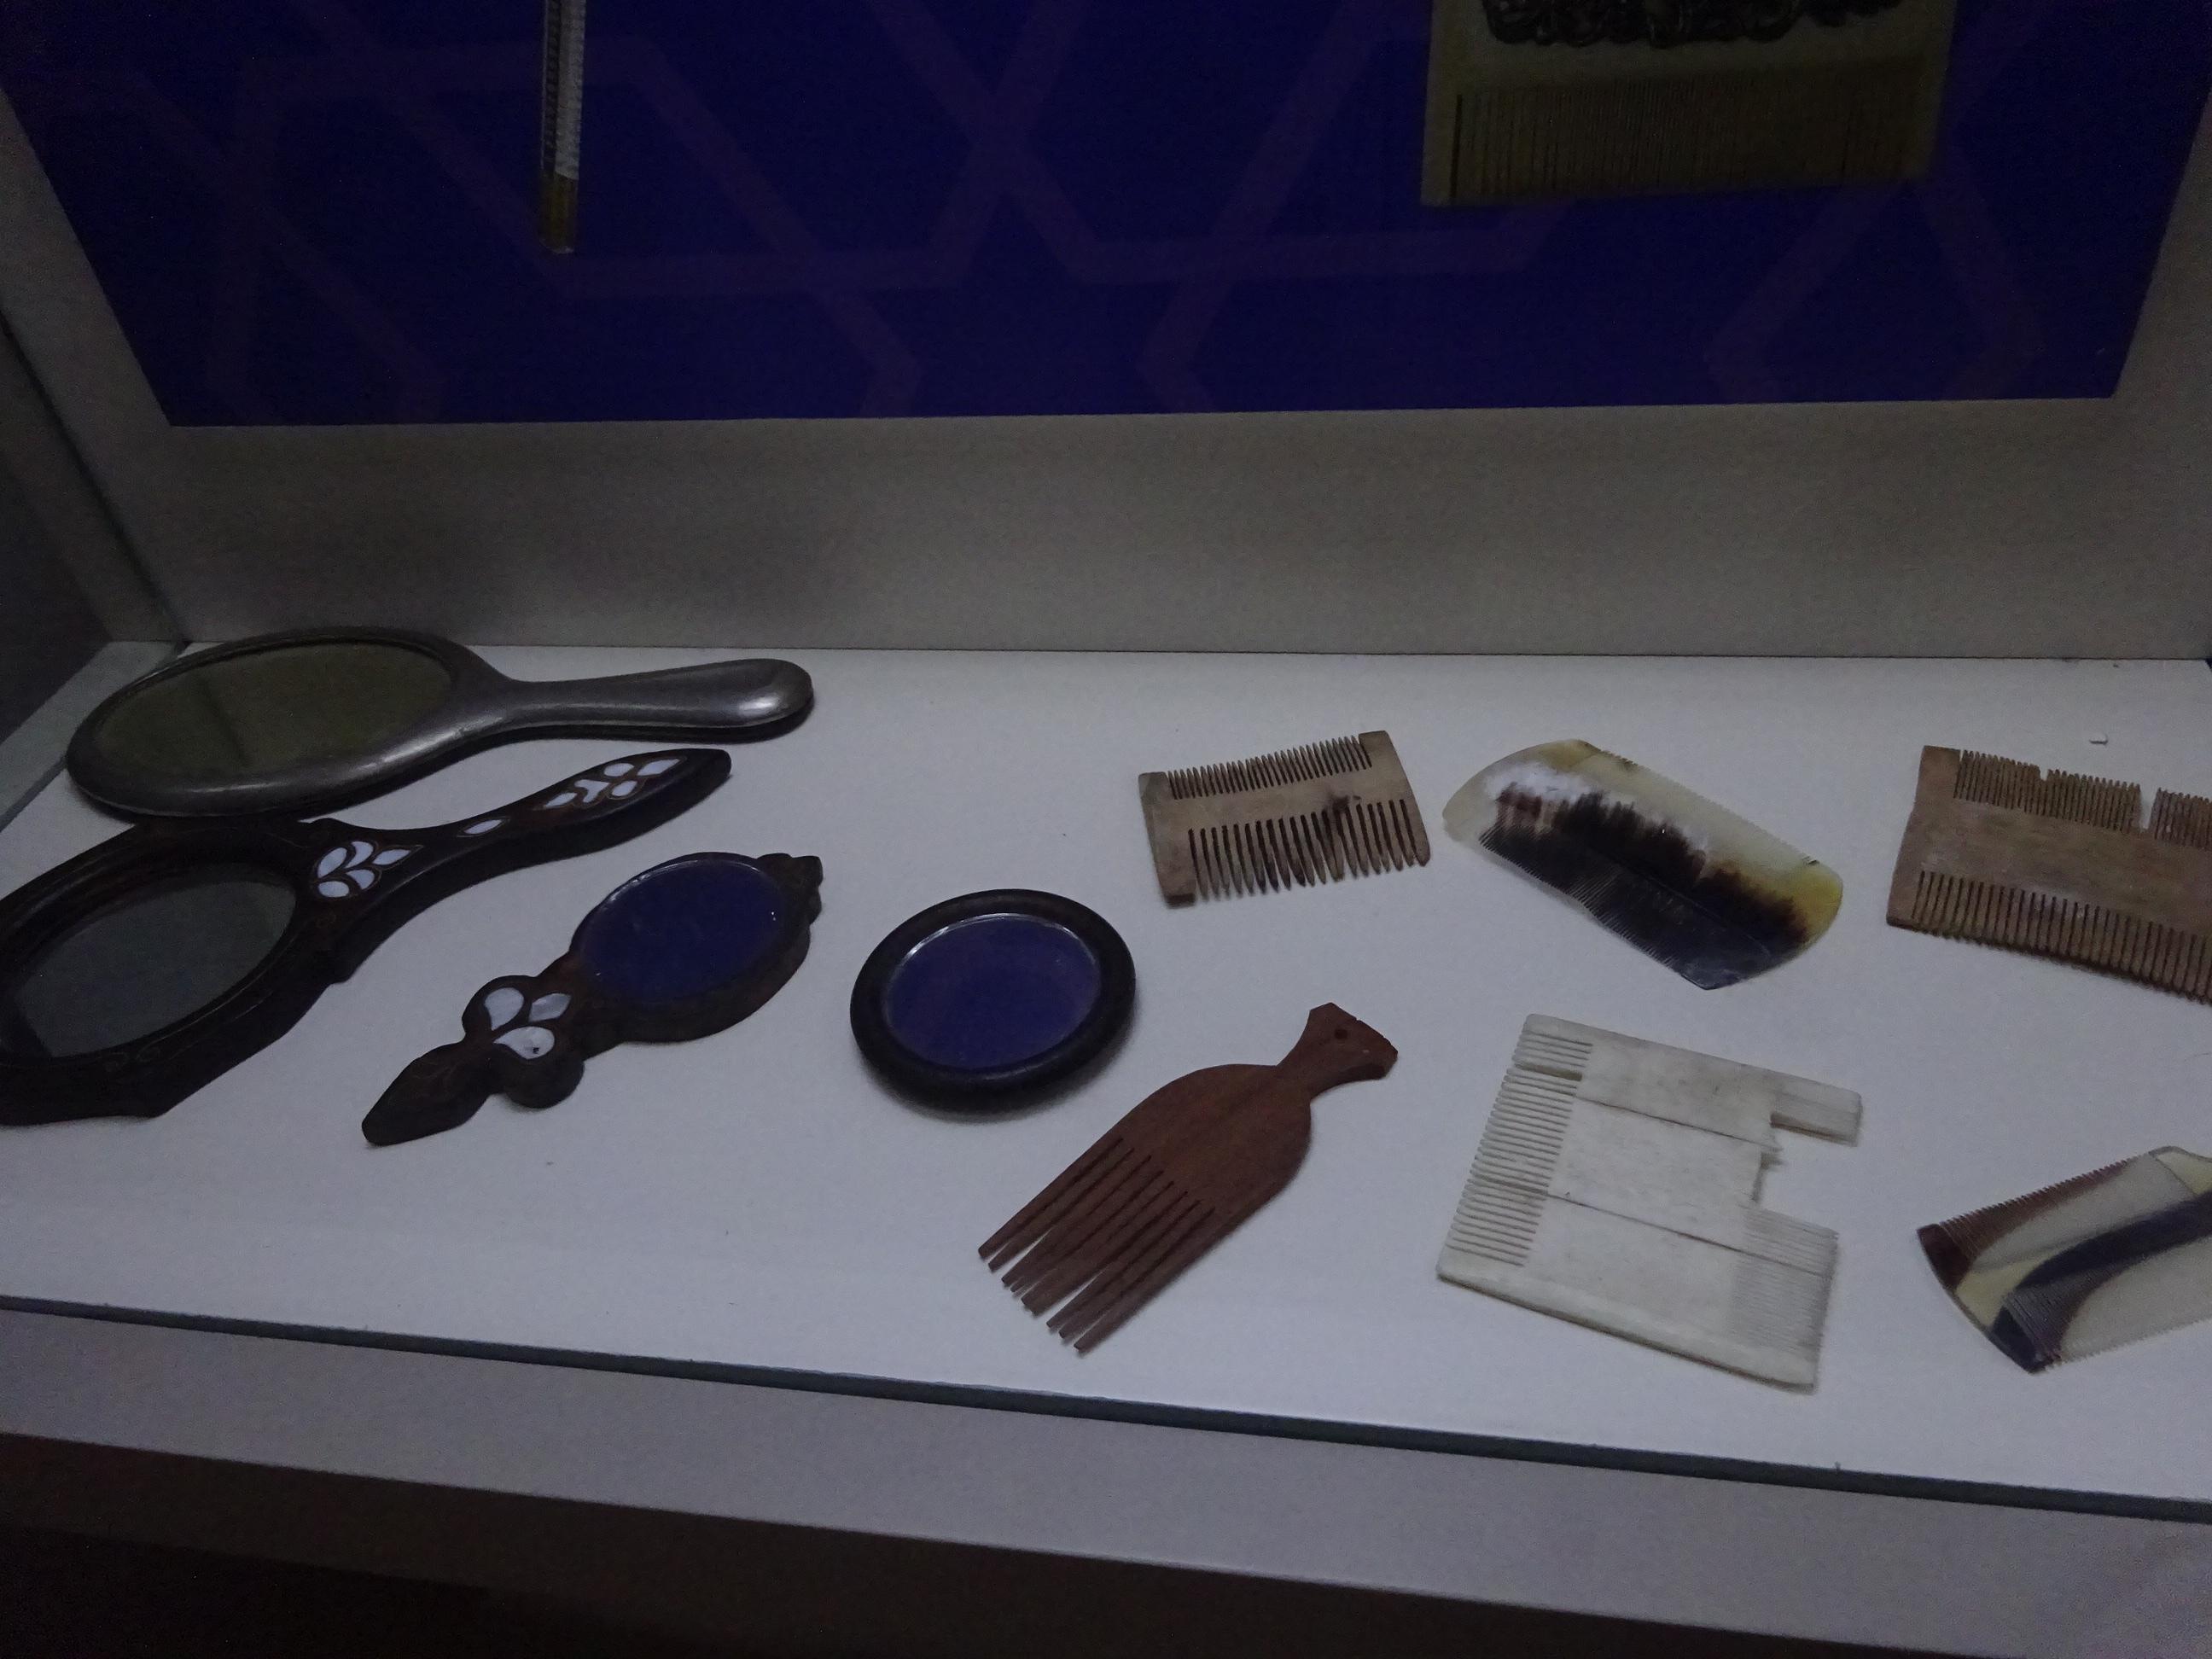 モスタル「ハマムミュージアム」櫛の展示品